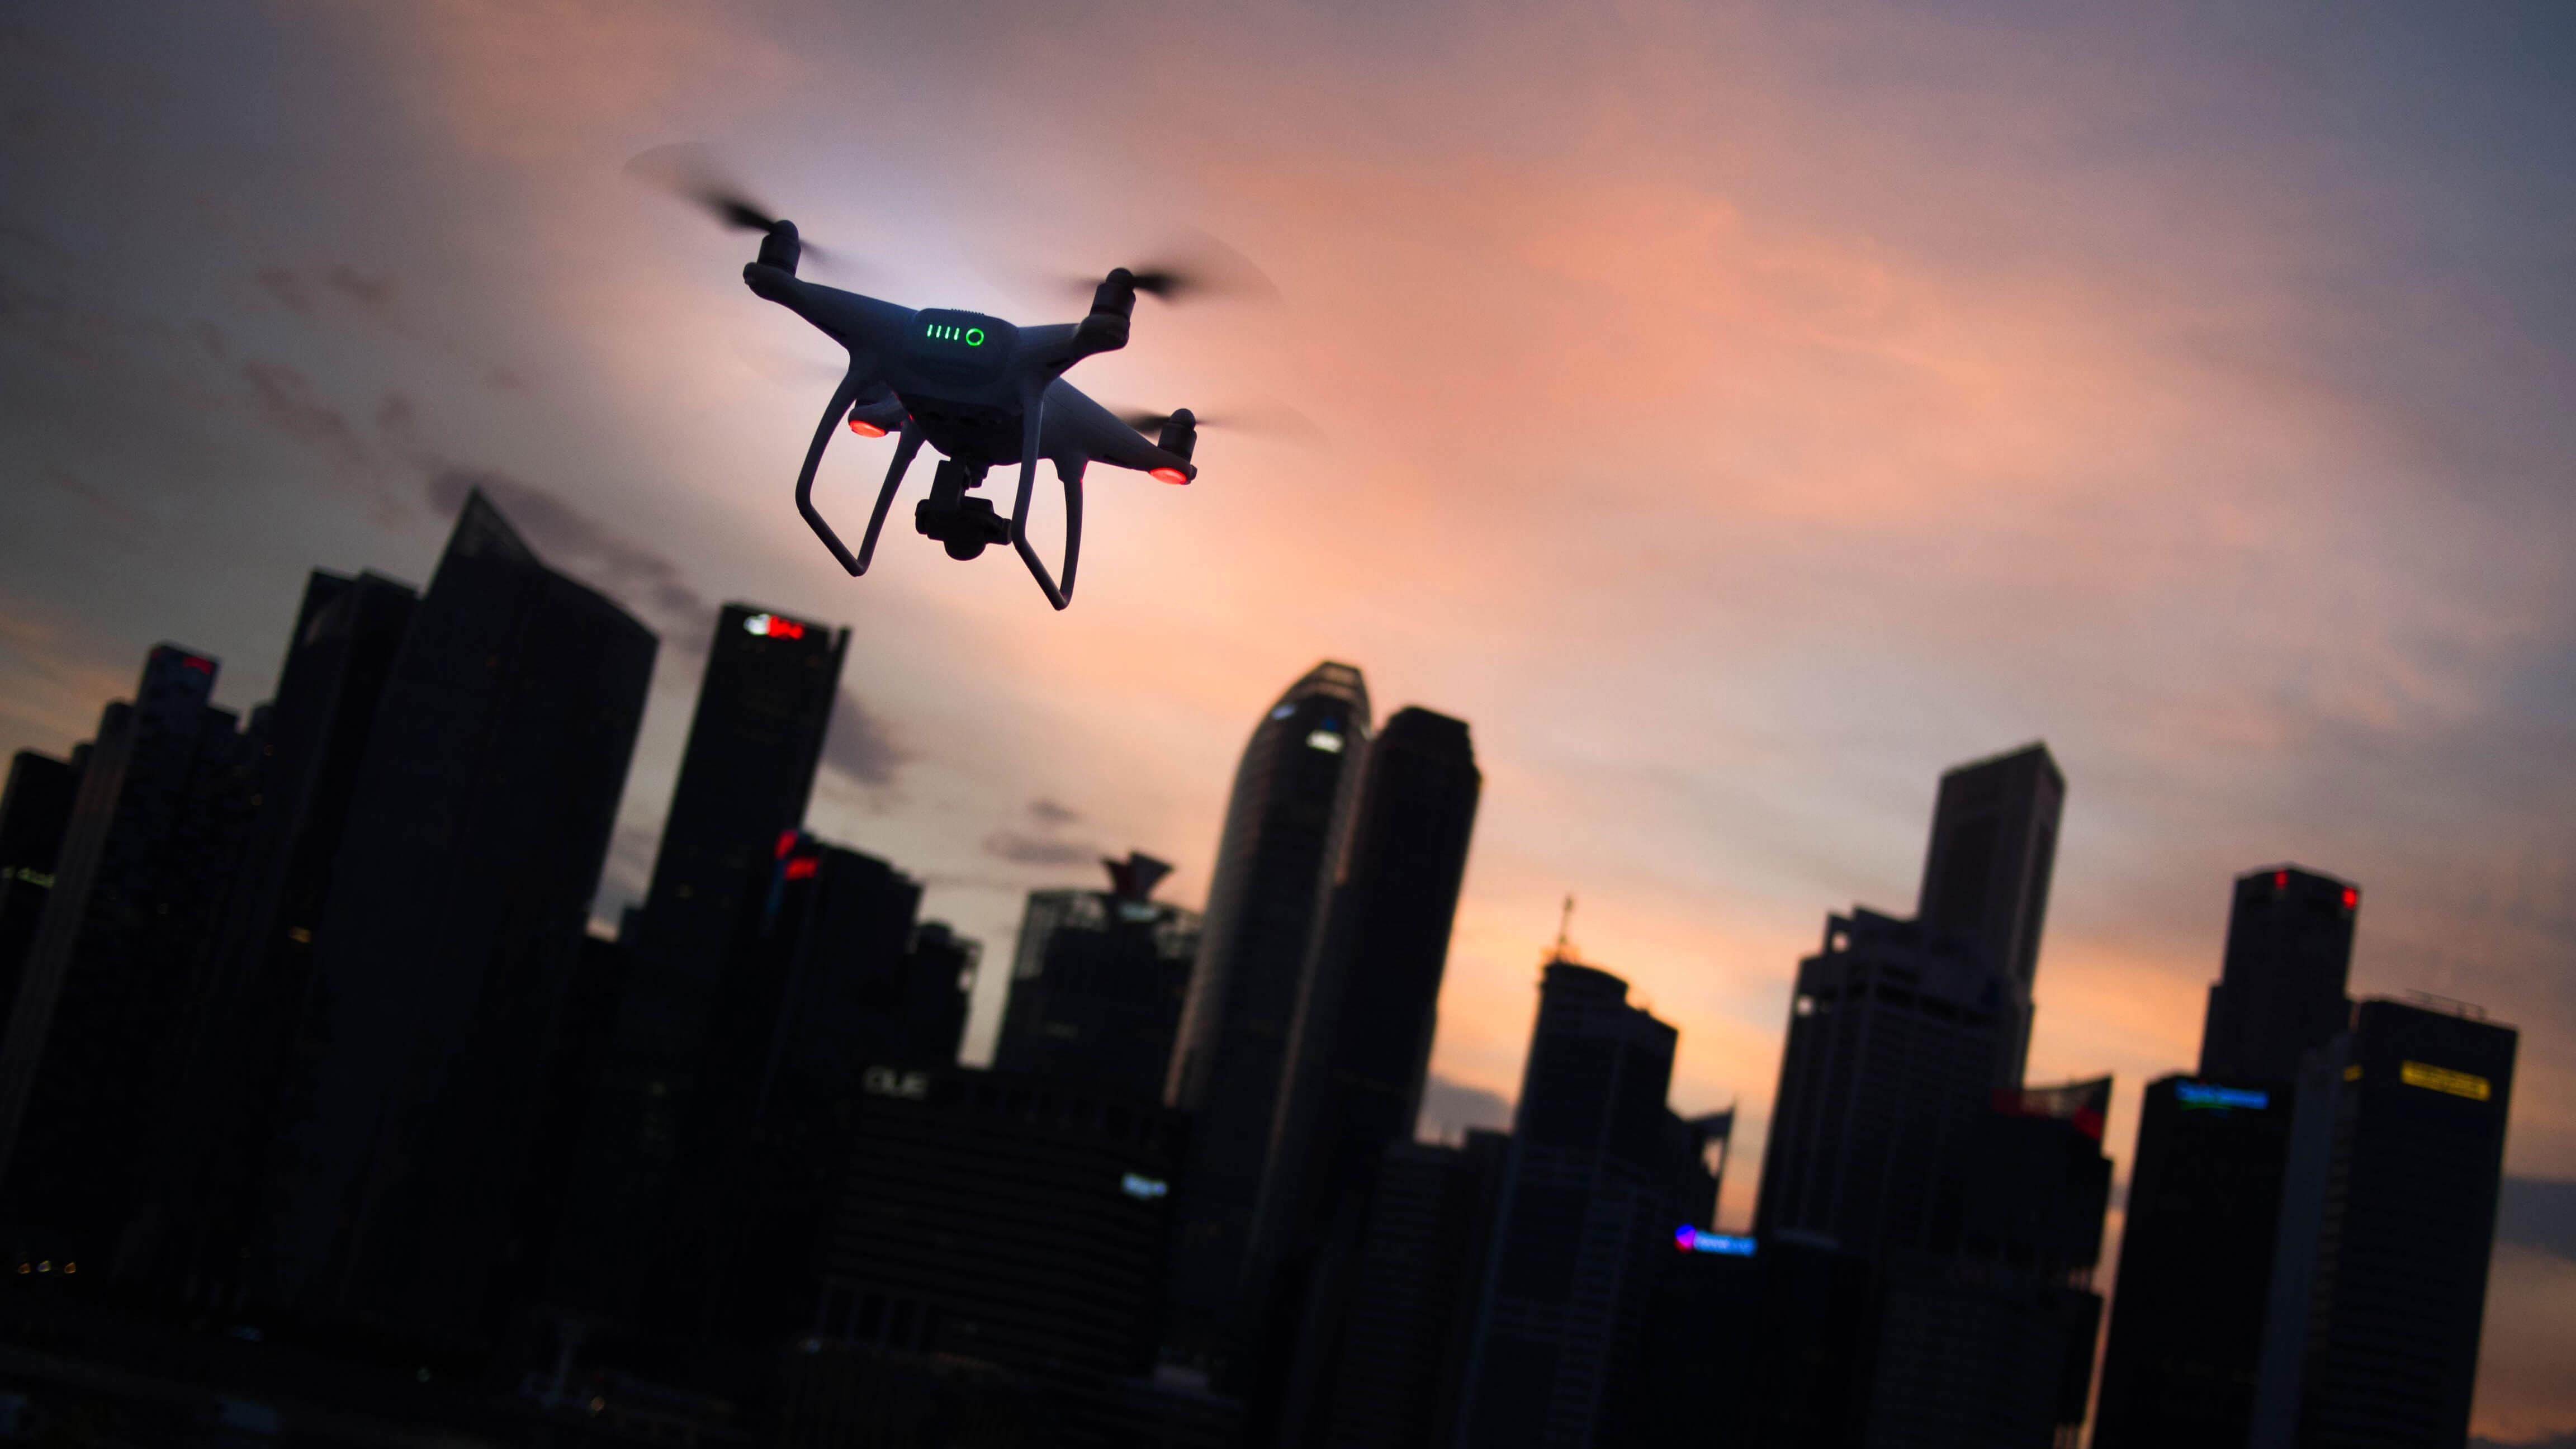 Drone sobrevoando cidade ao entardecer.